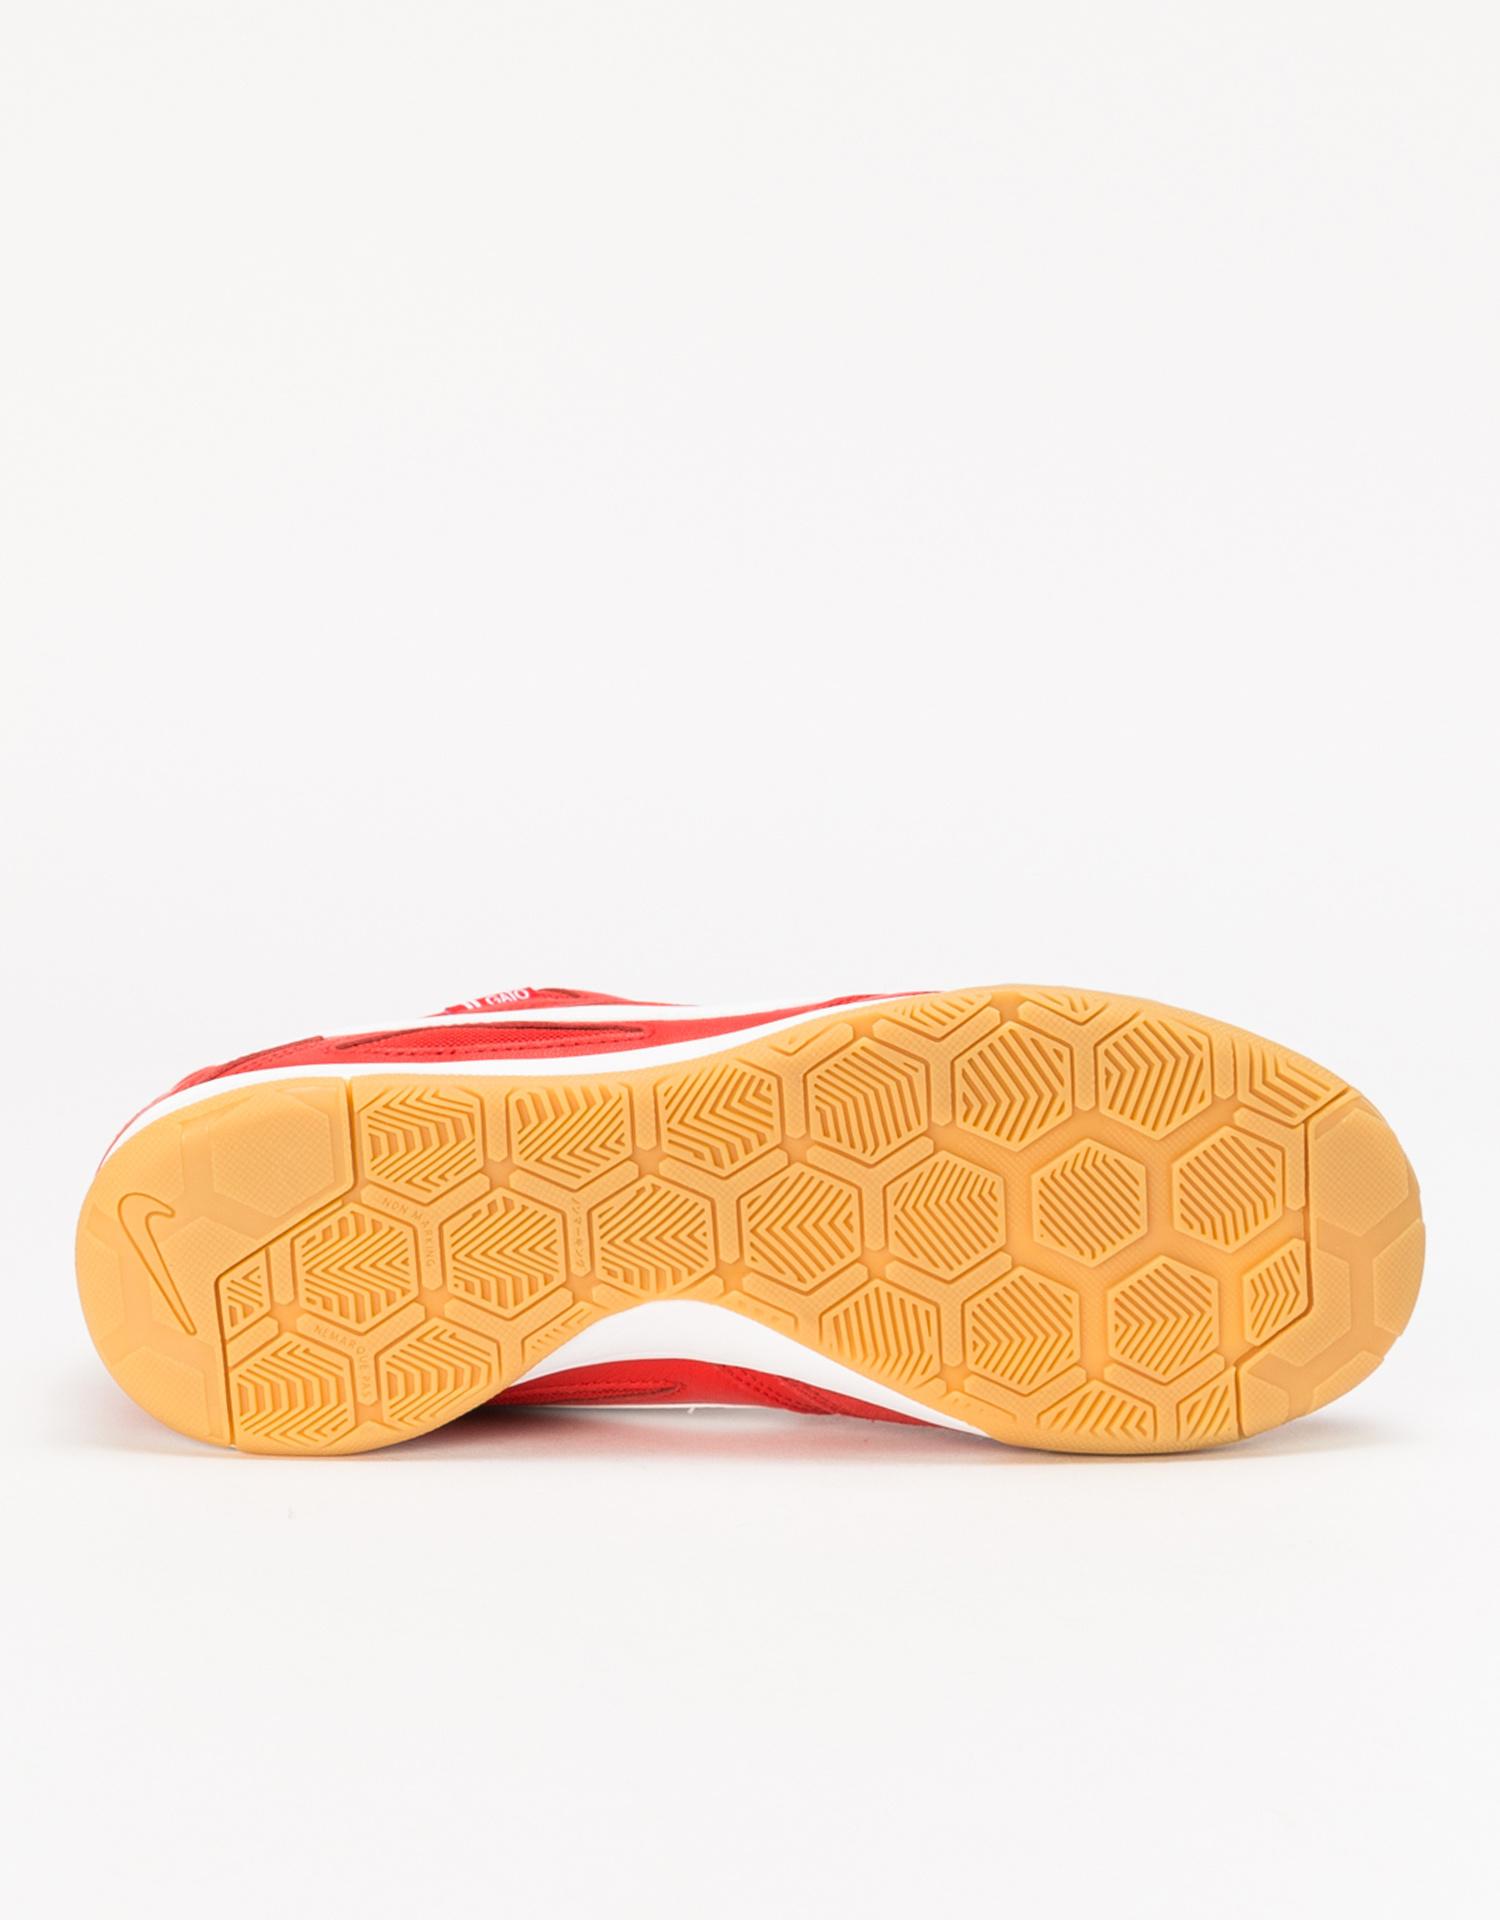 Nike Sb Gato university red/white-gum light brown